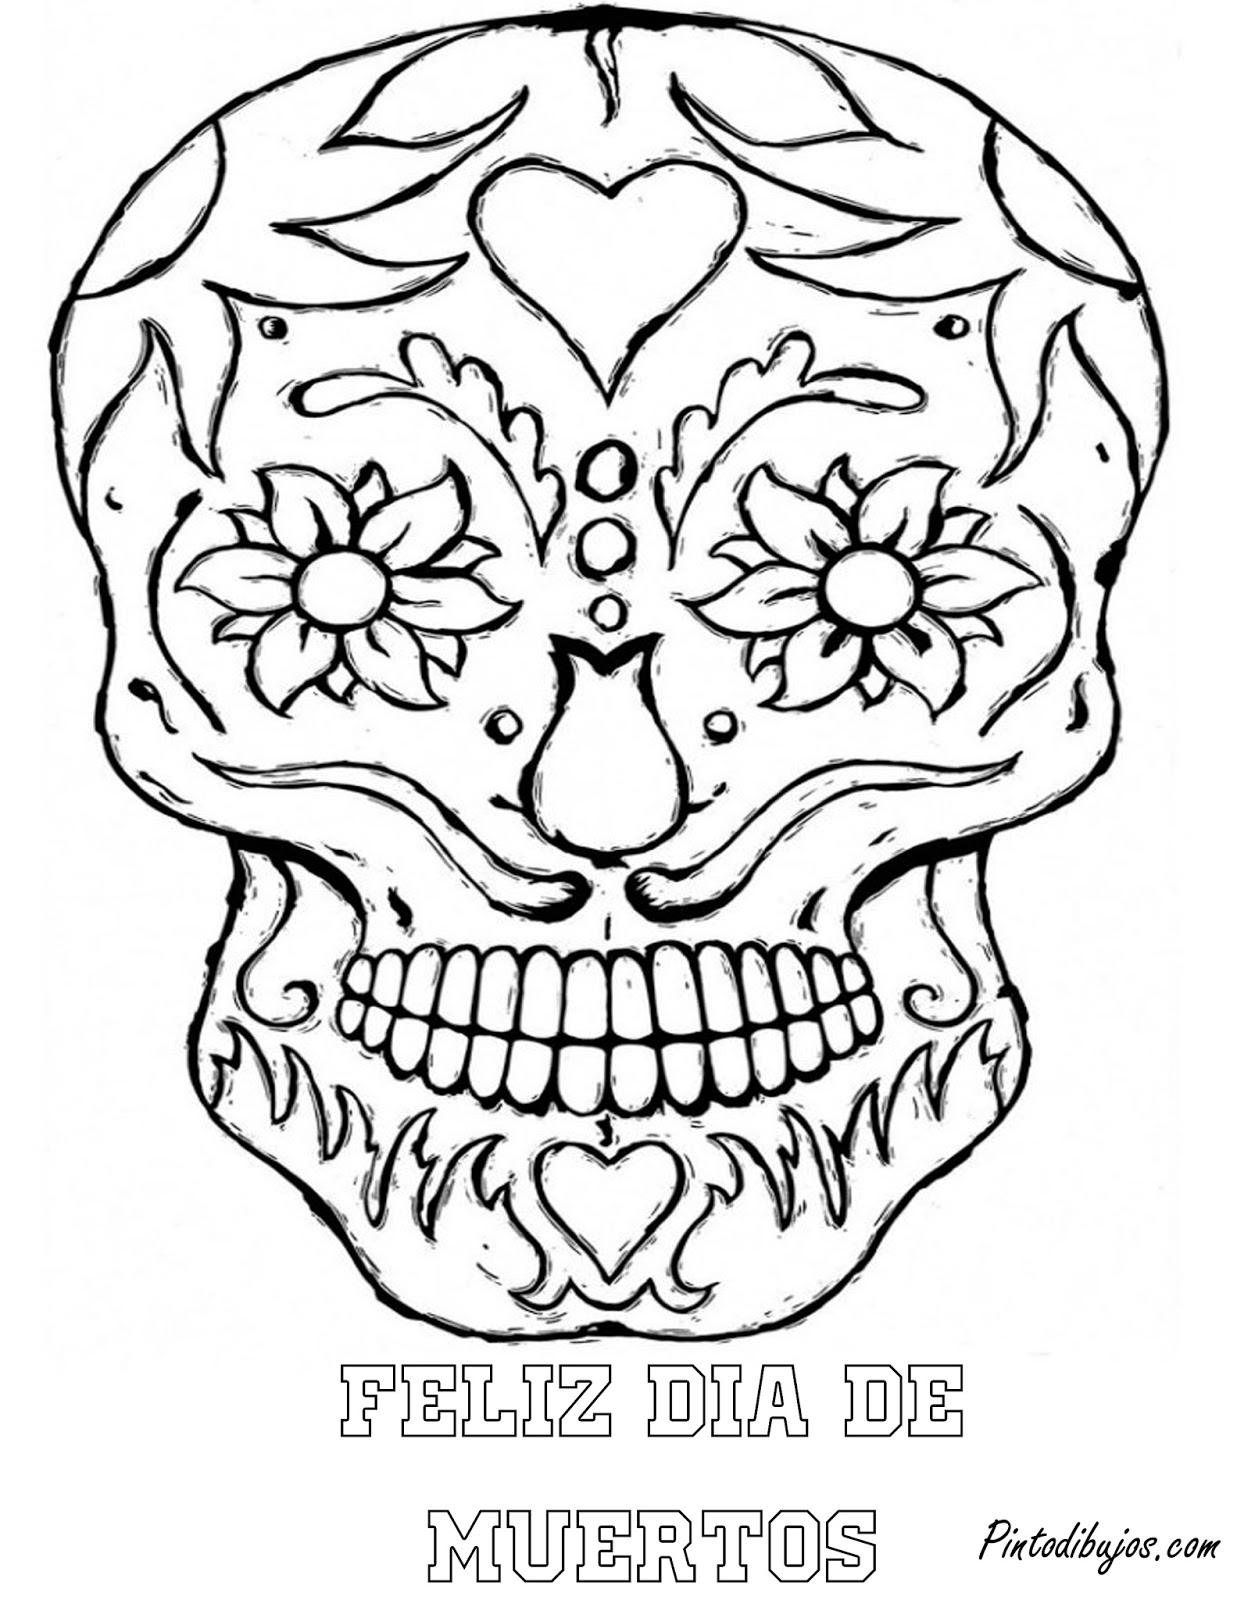 Coloring Pages Of Printable For Dia De Los Muertos La